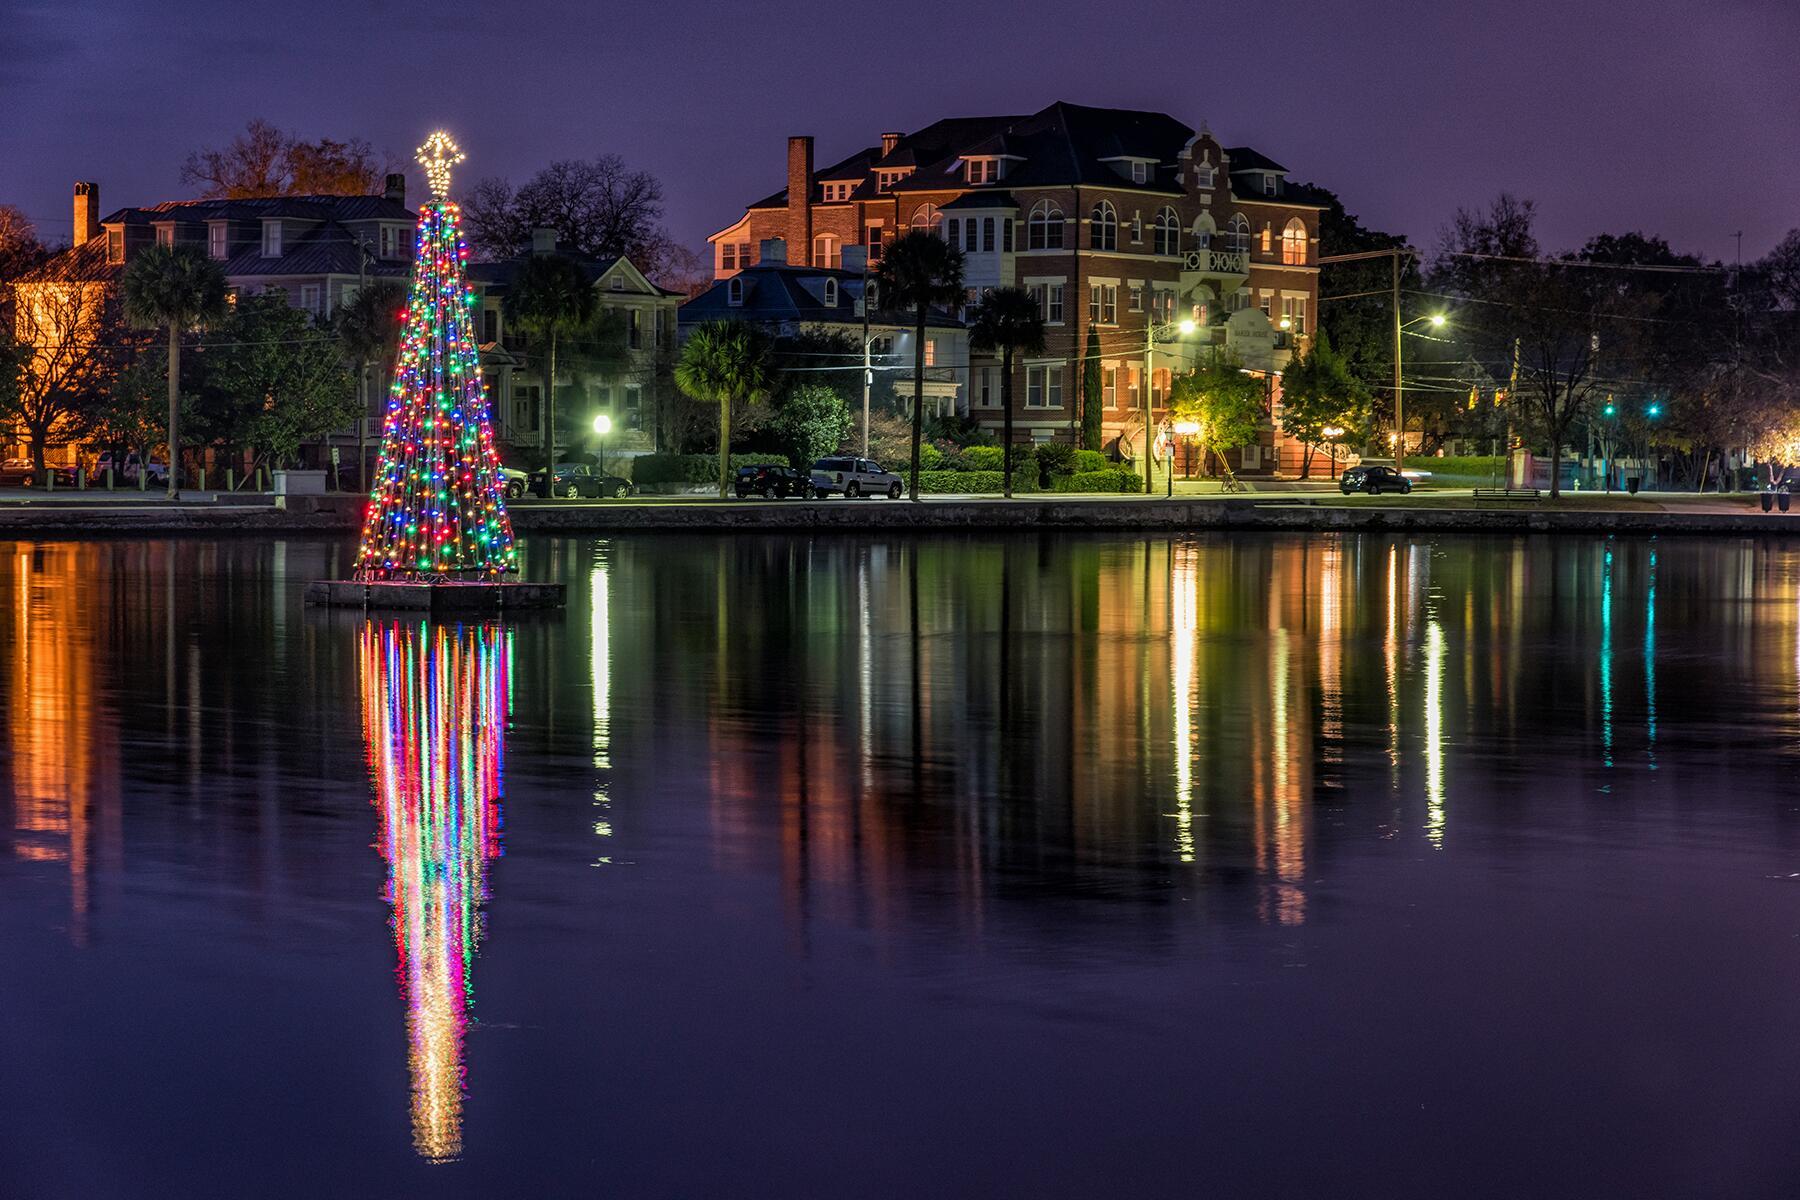 14_RentEntireVillaInnBnb__HarbourViewInn_14 Charleston Festival of Lights